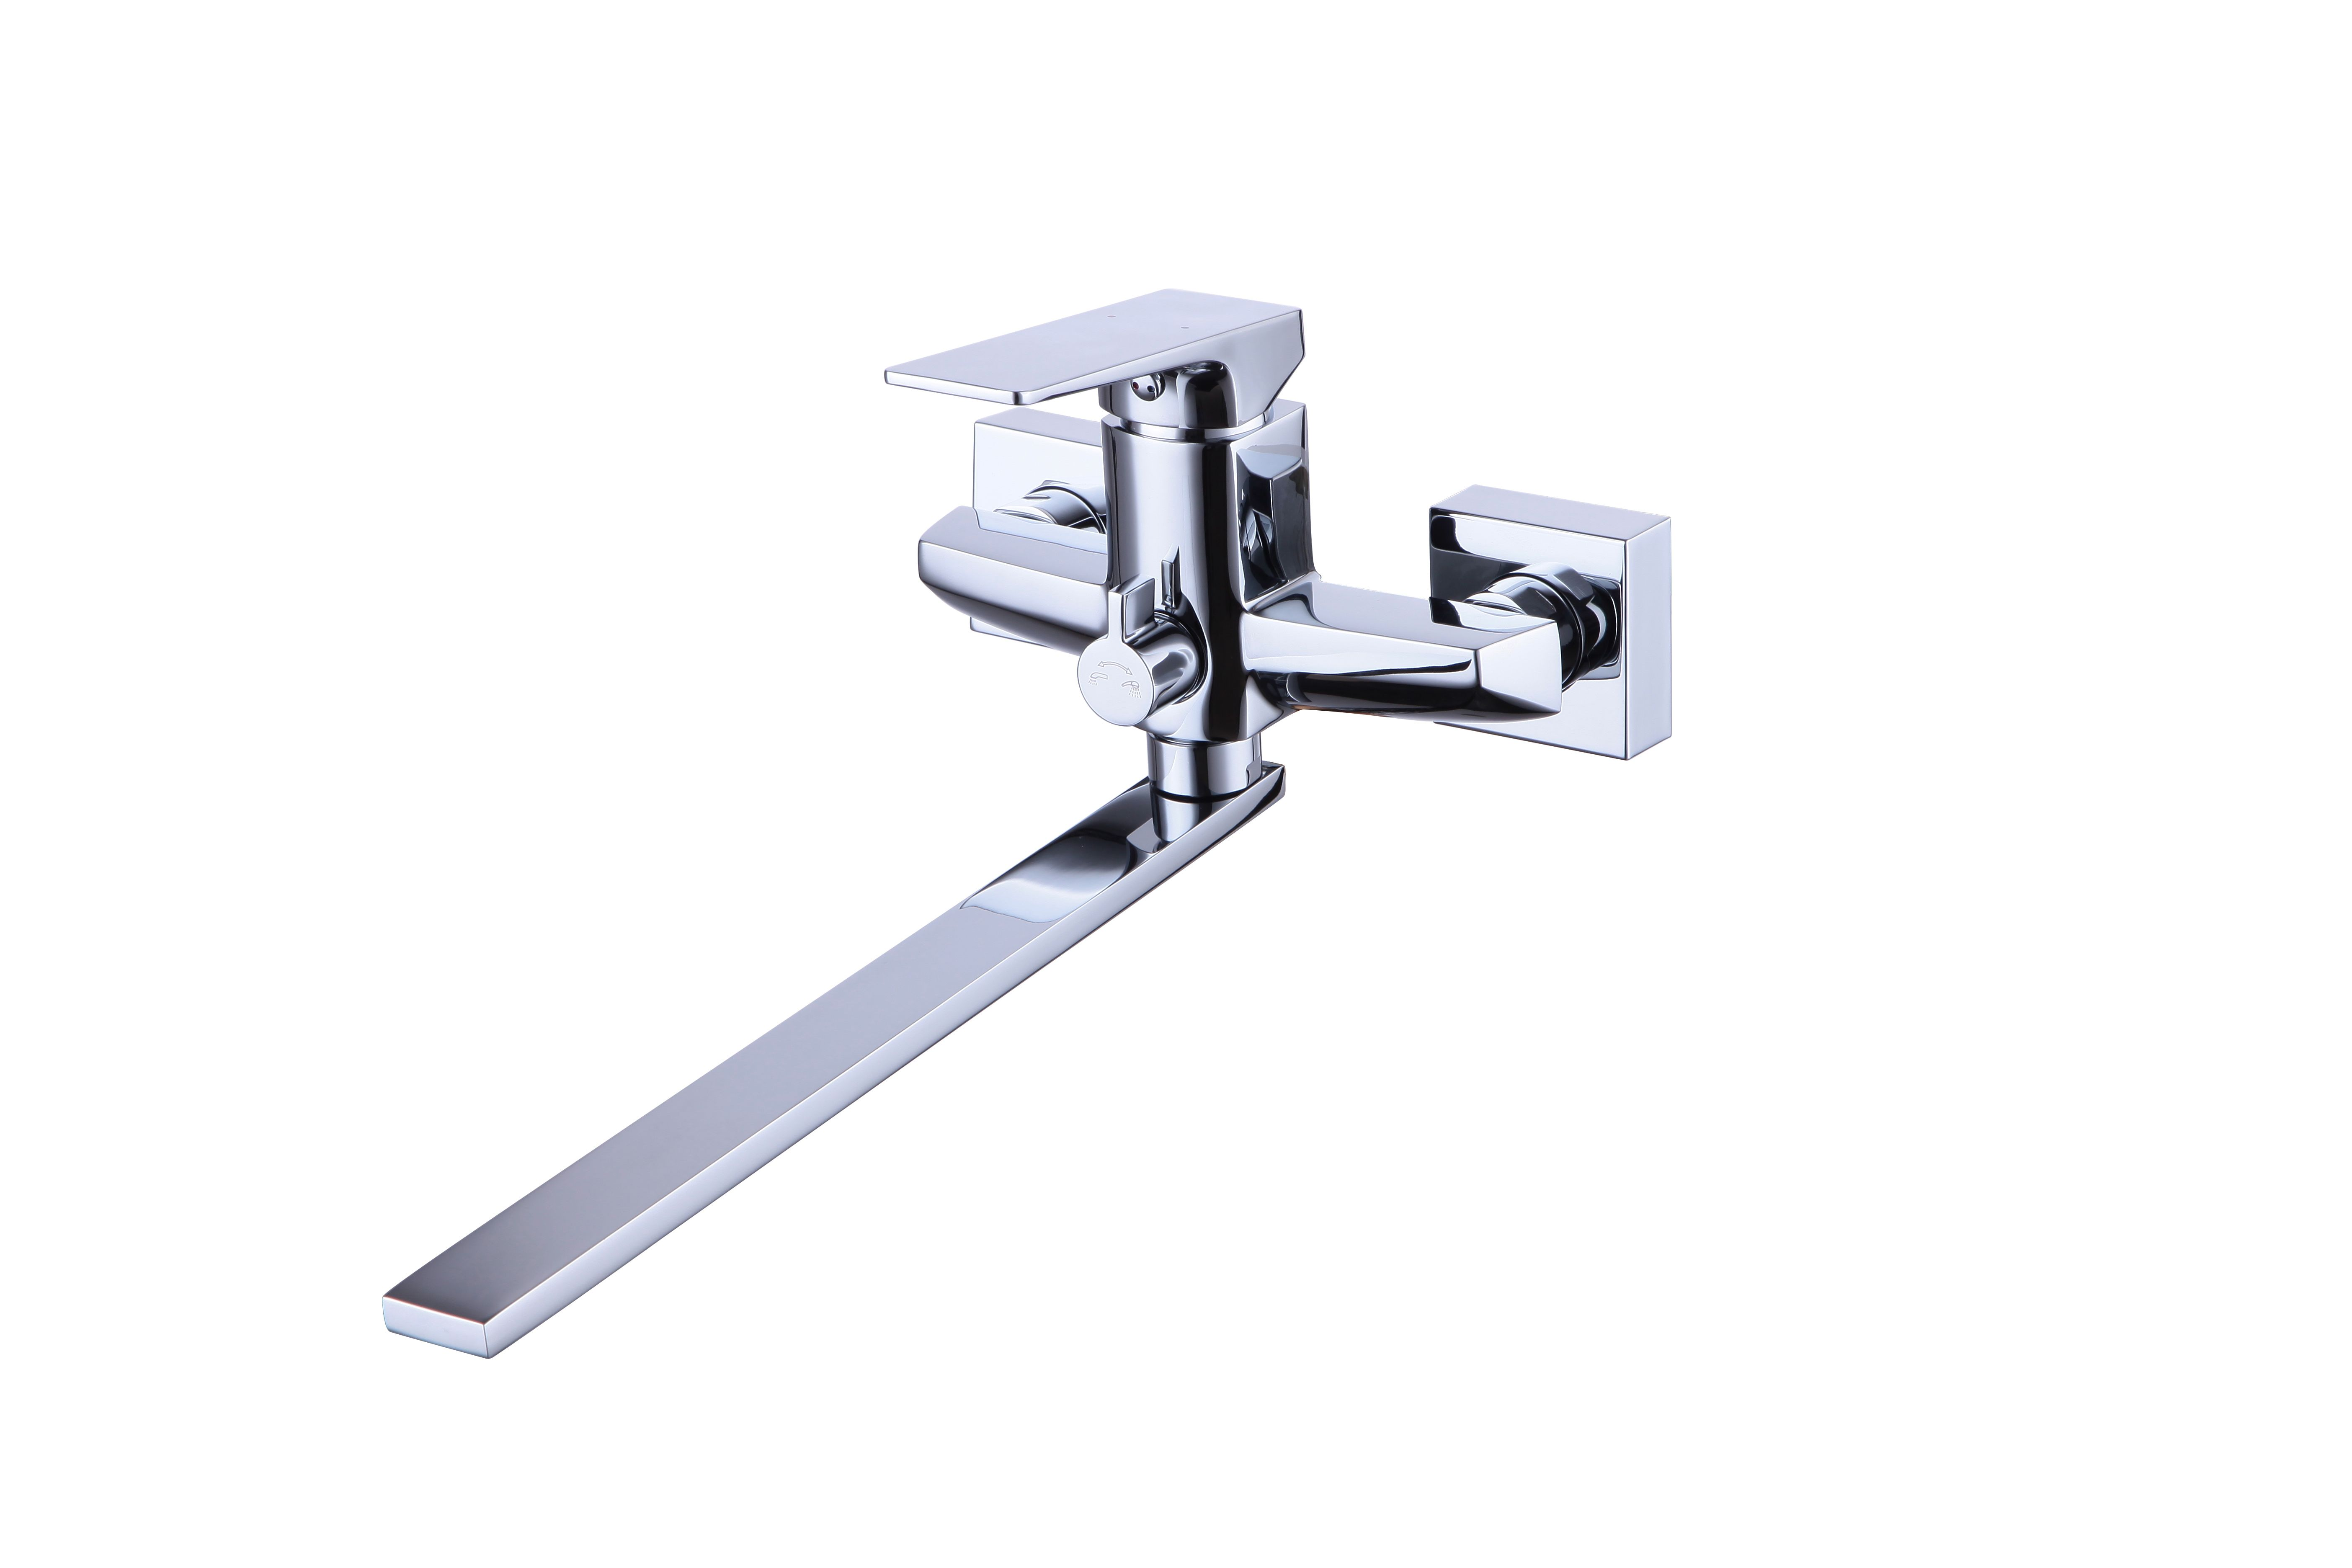 Смеситель SMARTsant Смарт-Лофт для ванны и душаSM253512AASMART. Смеситель для ванны и душа, Смарт-Лофт SM253512AA, плоский излив 250 мм, с керамическим переключателем, с аксессуарами, хром